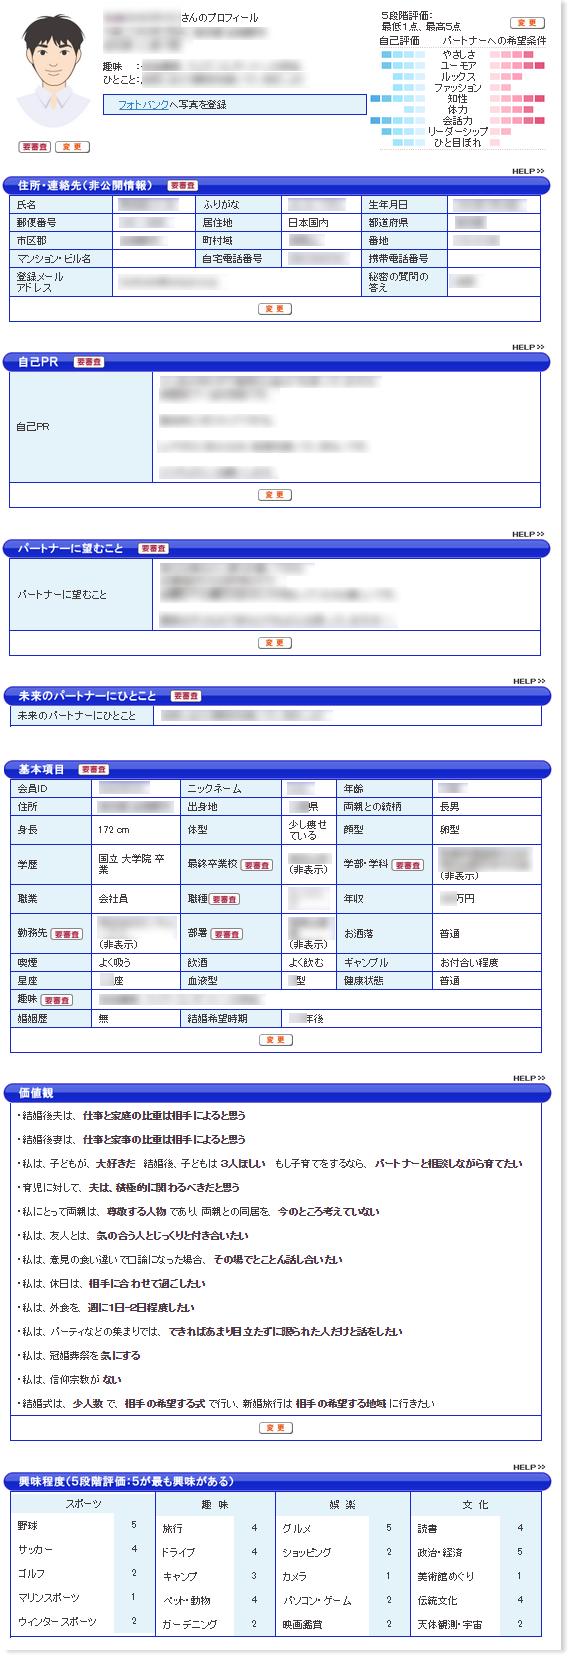 恋愛・結婚情報サービス エンジェル プロフィール画面